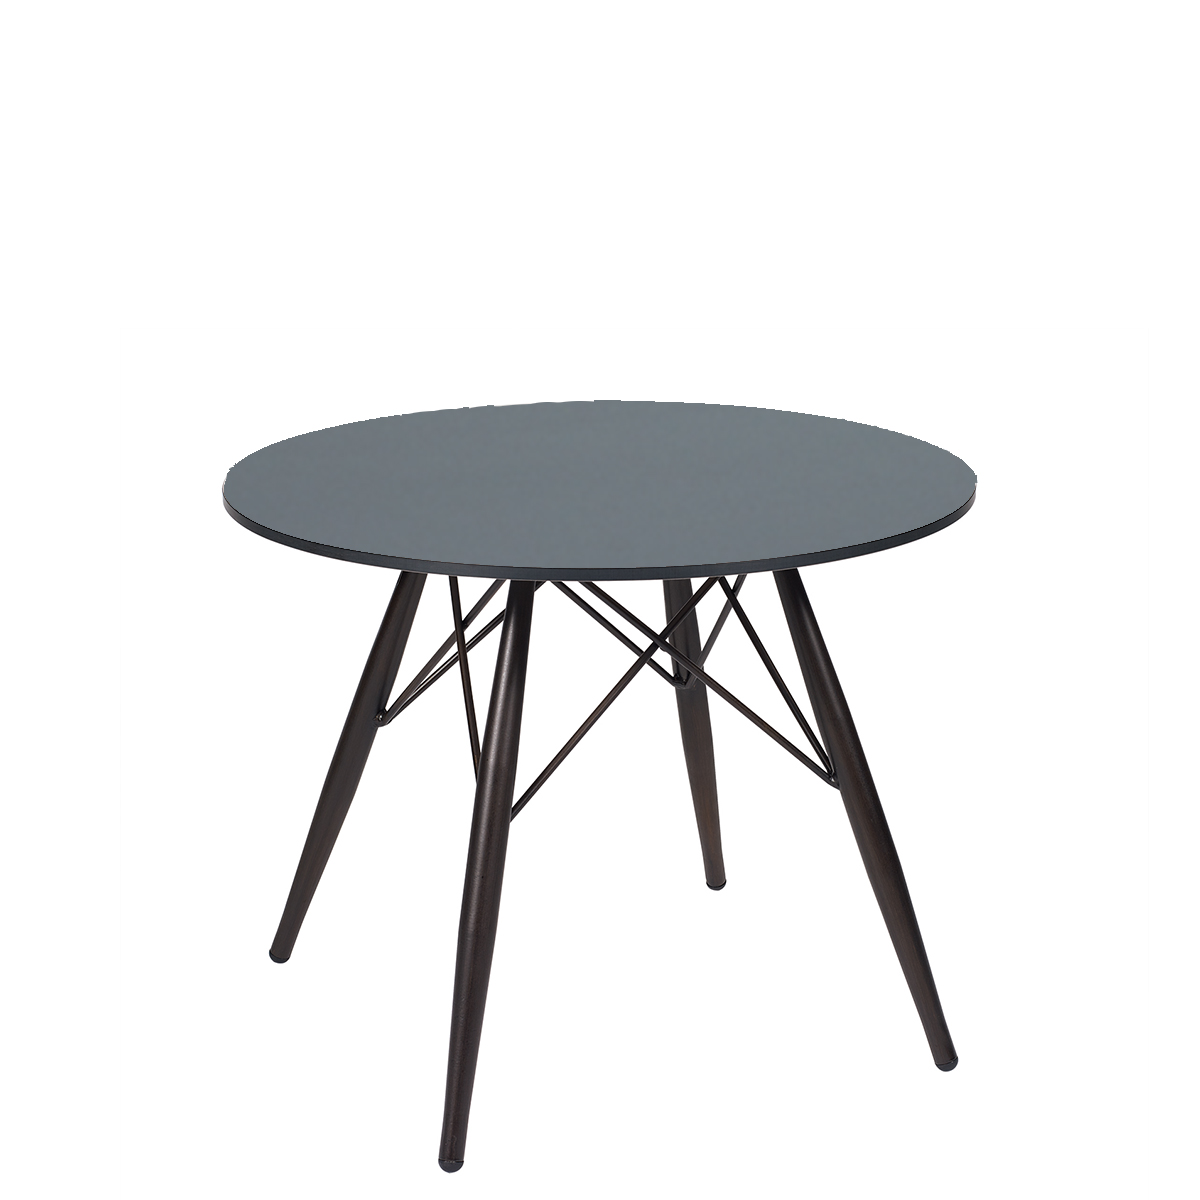 mesa picasso baja con pata negra y tablero redondo compact gris marengo REYMA